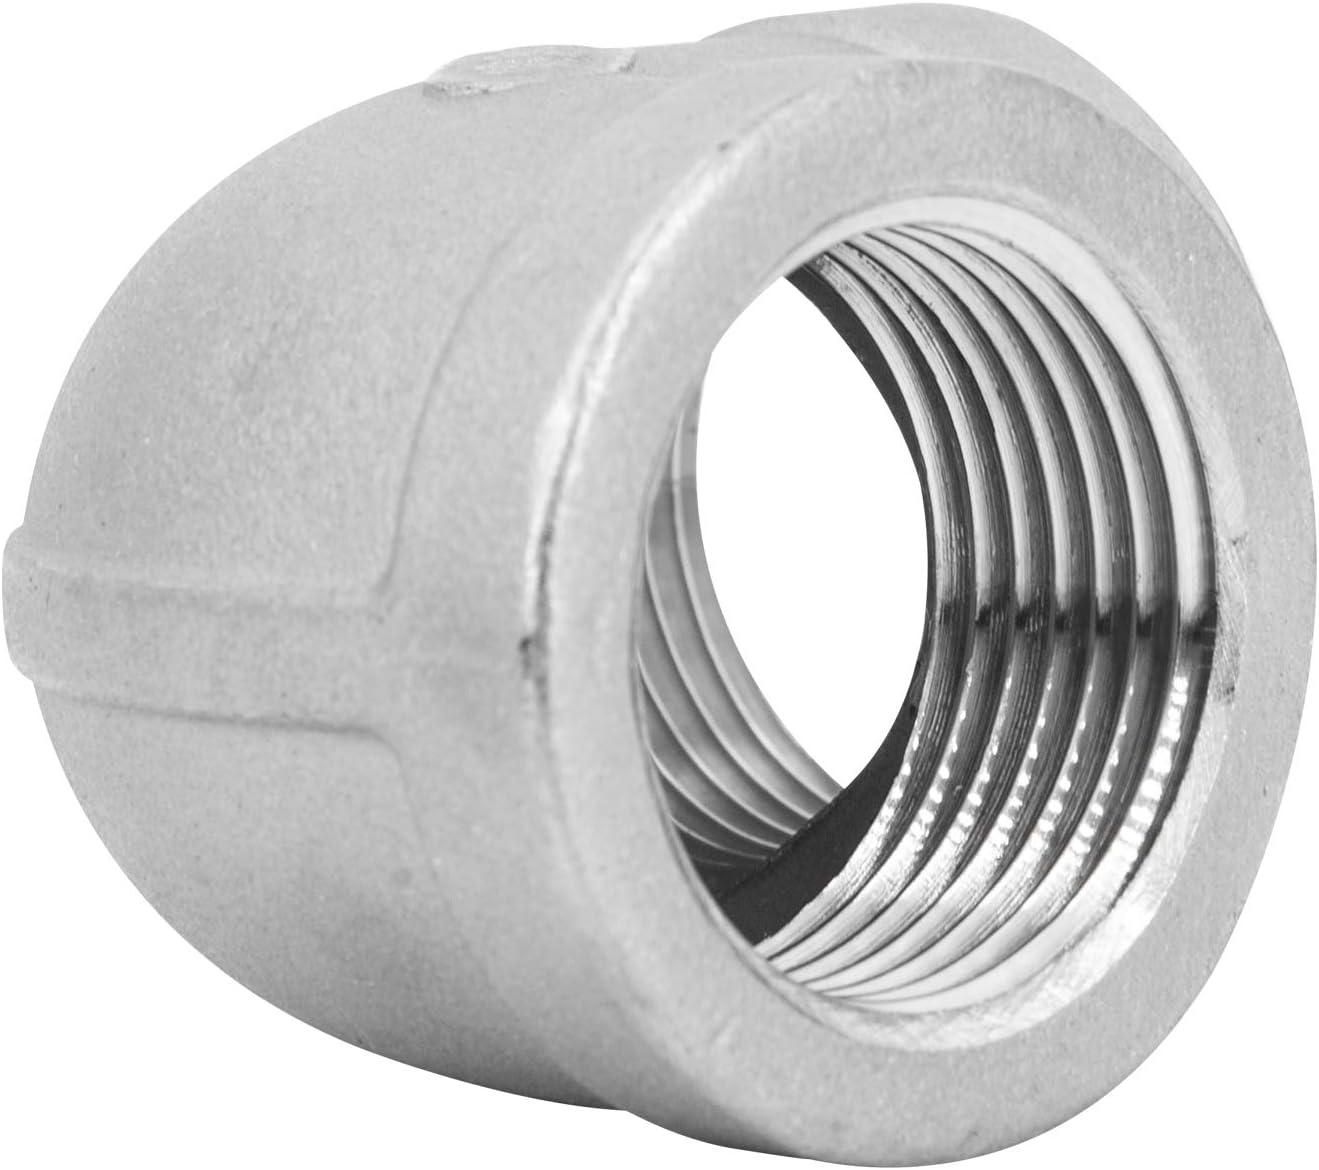 Connecteur acier inoxydable coud/é /à 90 degr/és pour tuyaux avec raccord viss/é m/âle x femelle